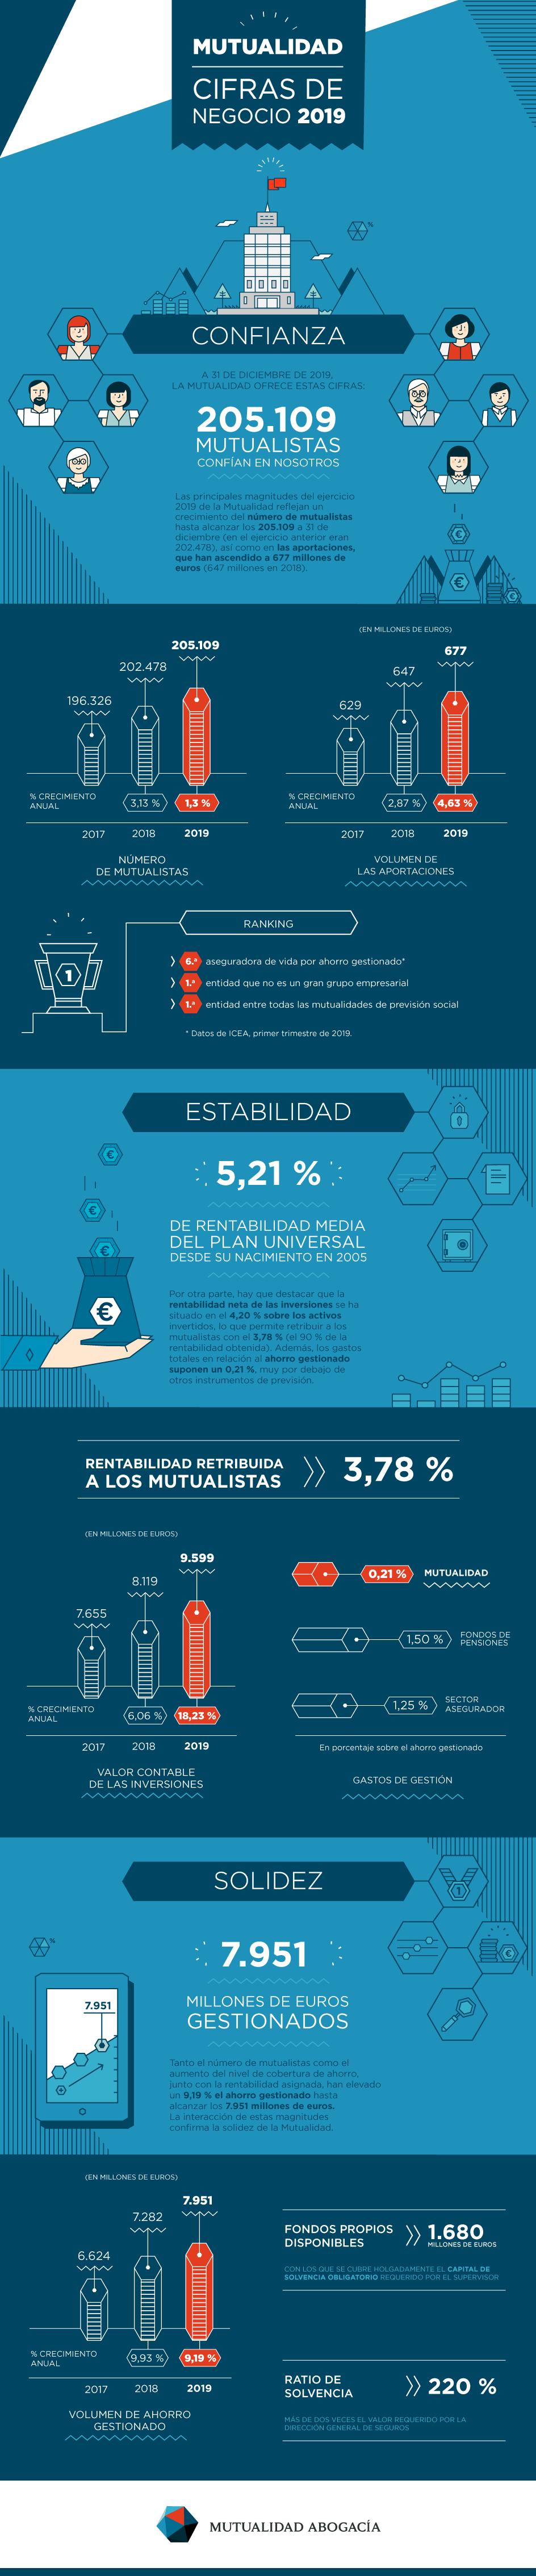 Infográfico Mutualidad - Cifras de negocio 2019